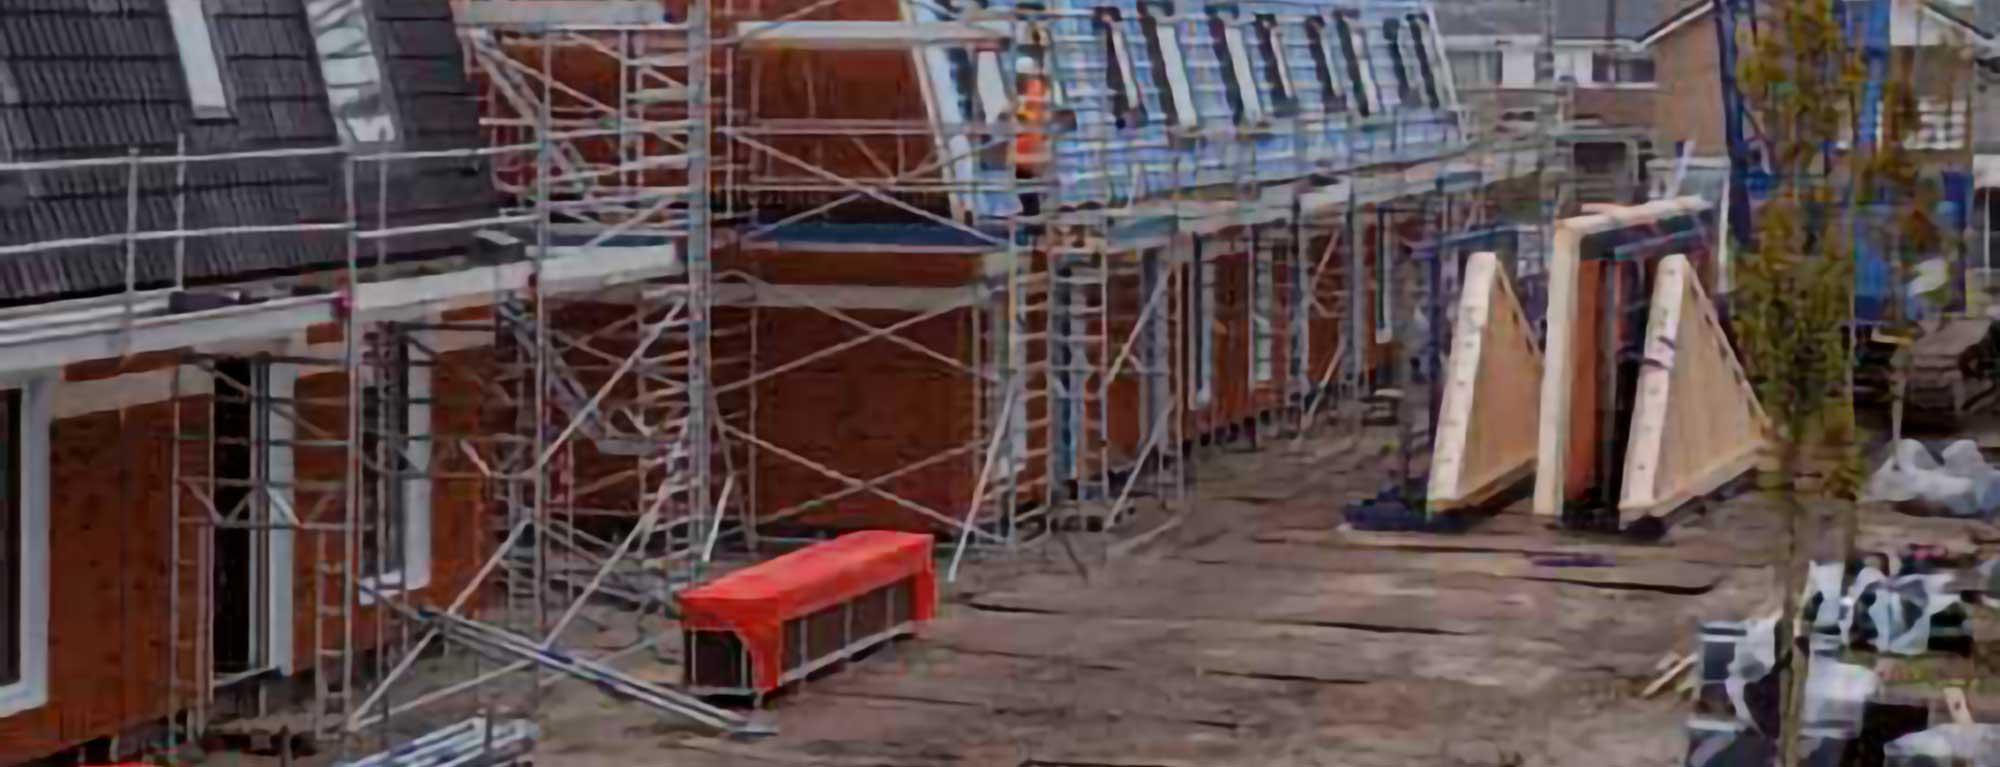 'Droogstapel-methode' is de toekomst van de bouw